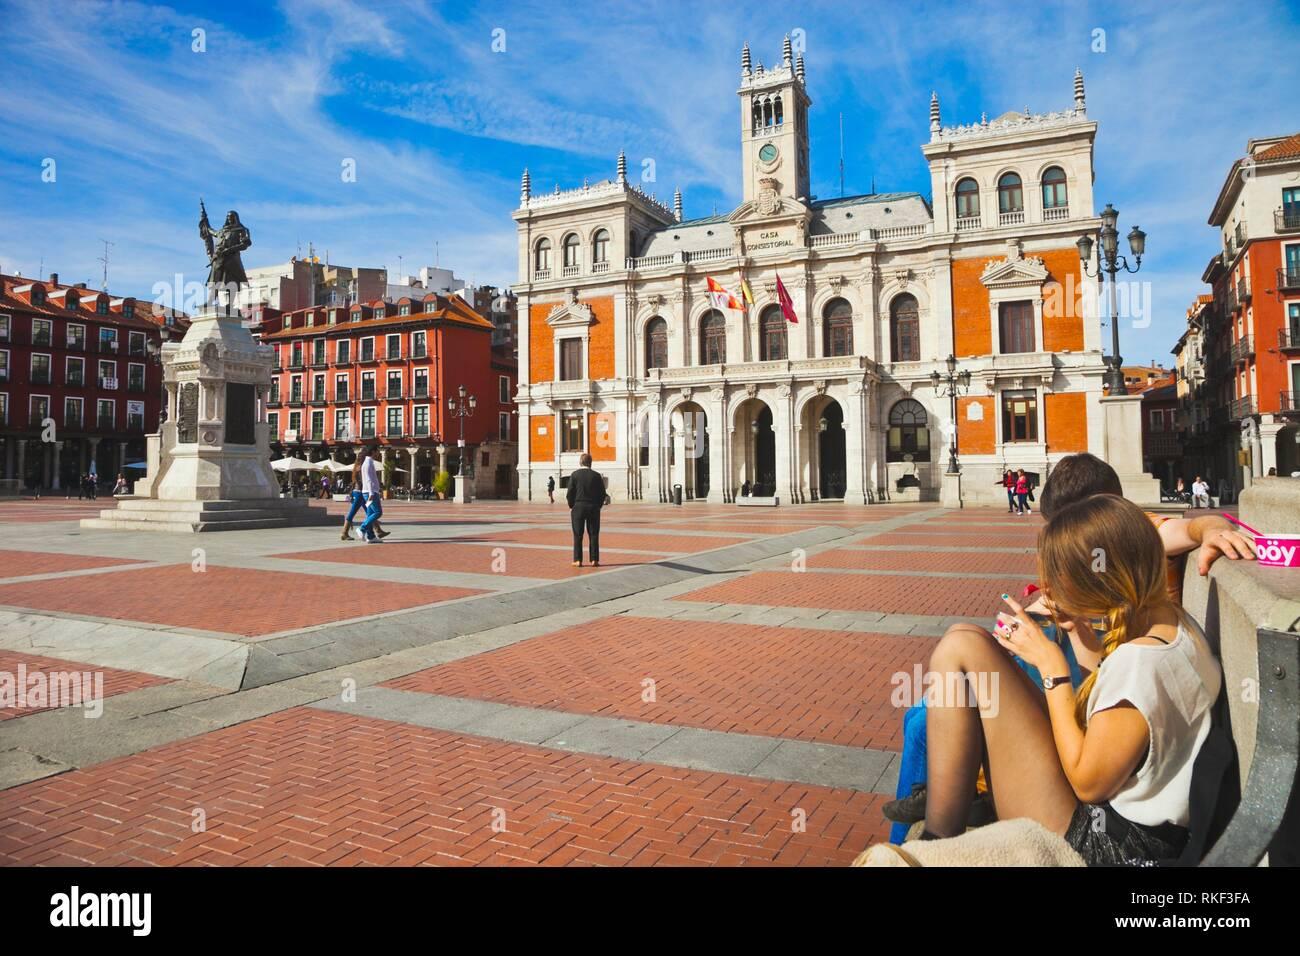 Hôtel de ville sur la Plaza Mayor, Valladolid, Castille et Leon, Espagne Banque D'Images